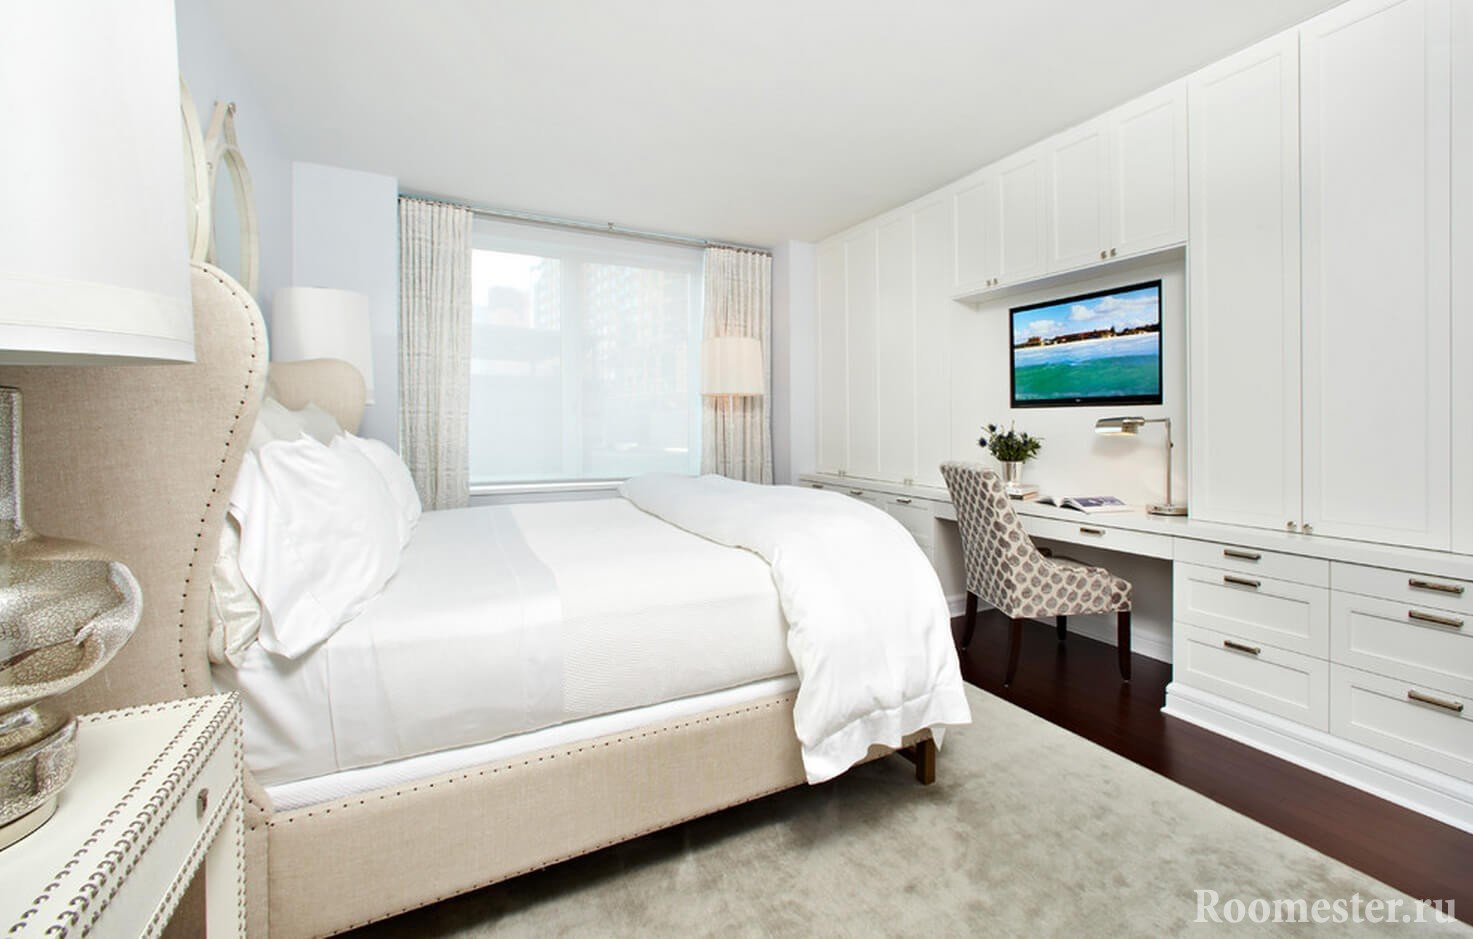 Интерьер спальни 10 кв.м в белом цвете